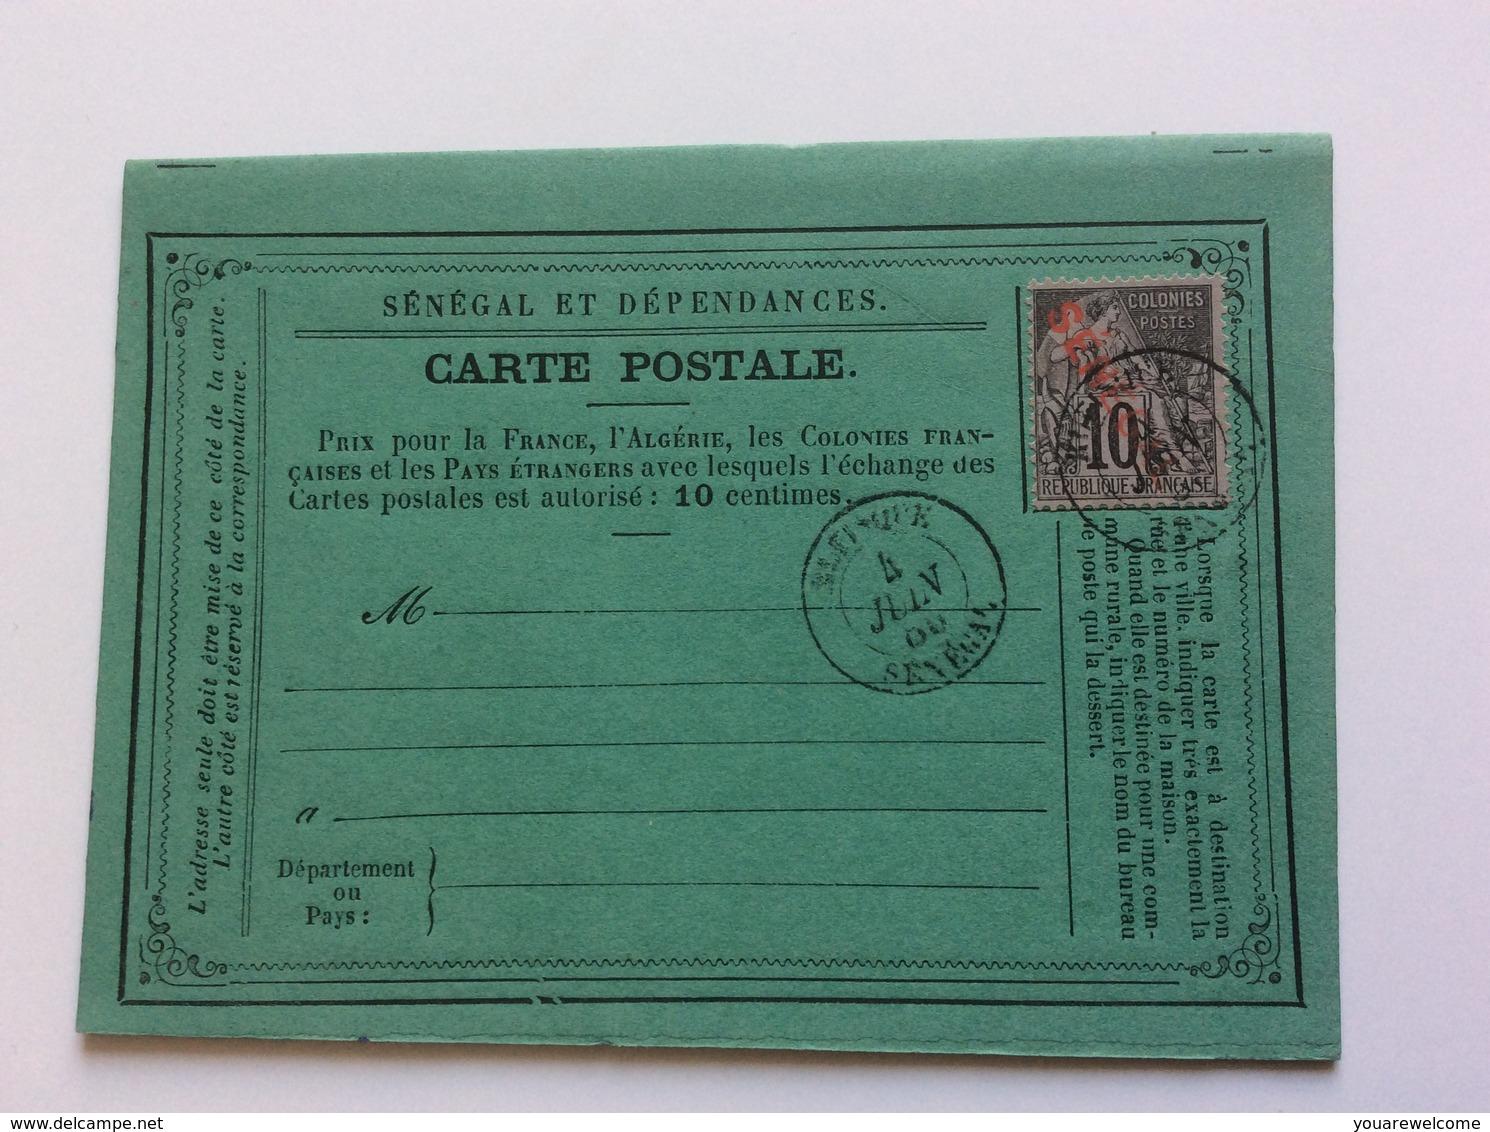 """Carte Postale Precurseur Type Dubois Surch. """"Senegal"""" Rr! Rufisque 1886  (Lettre Entier Postal Cover dedans Carte Numero Departement"""